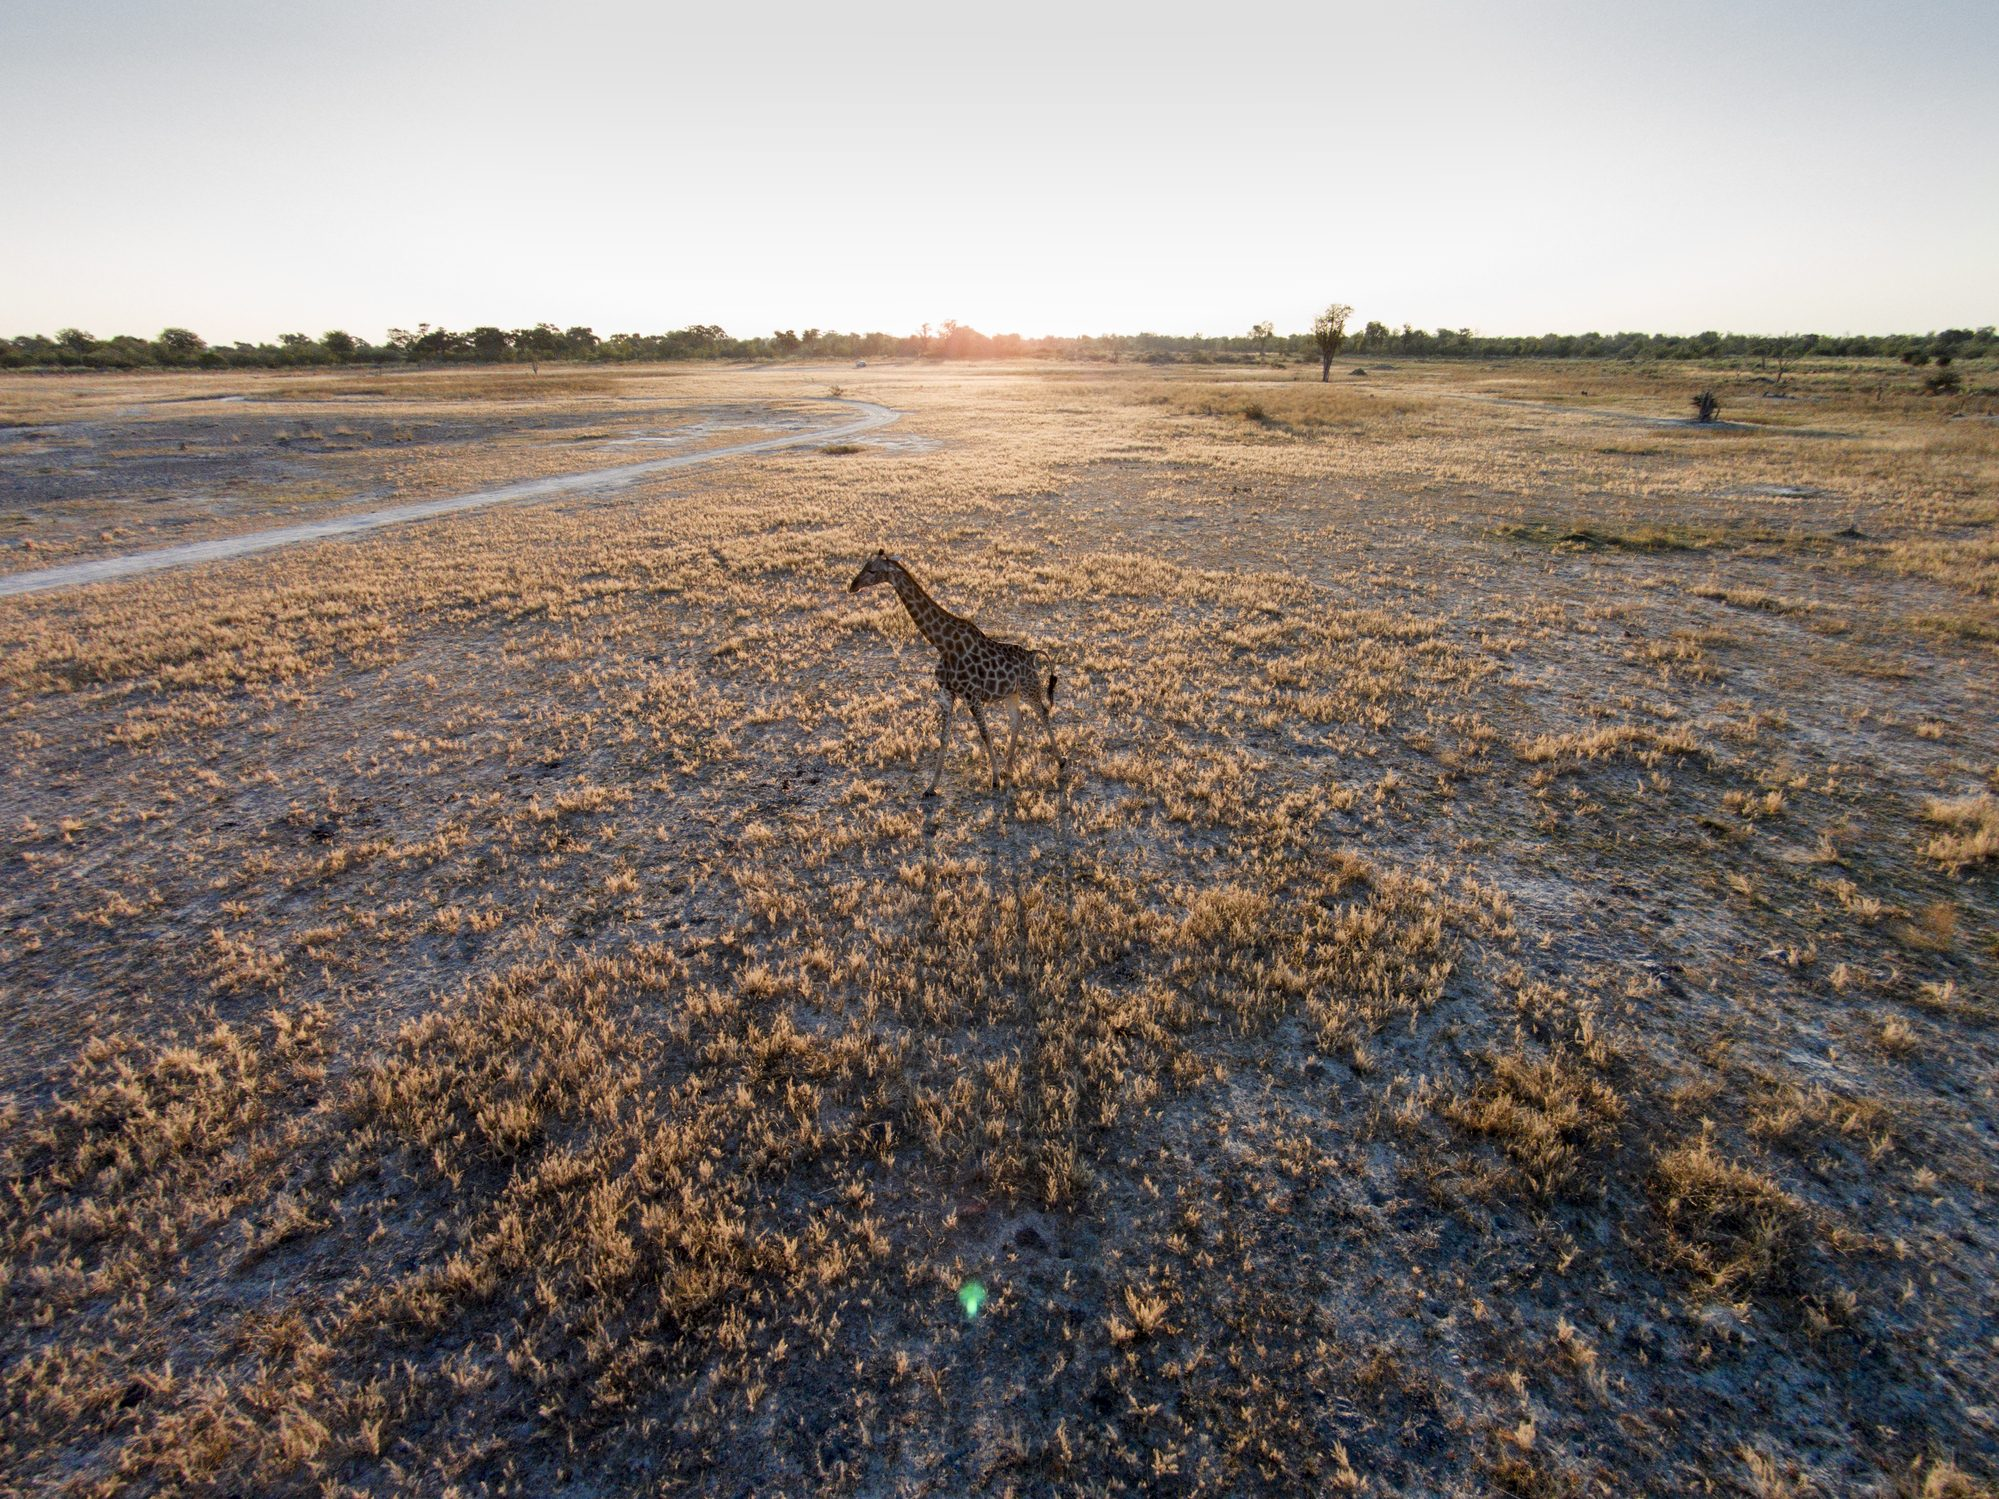 Aerial View of Giraffe, Botswana